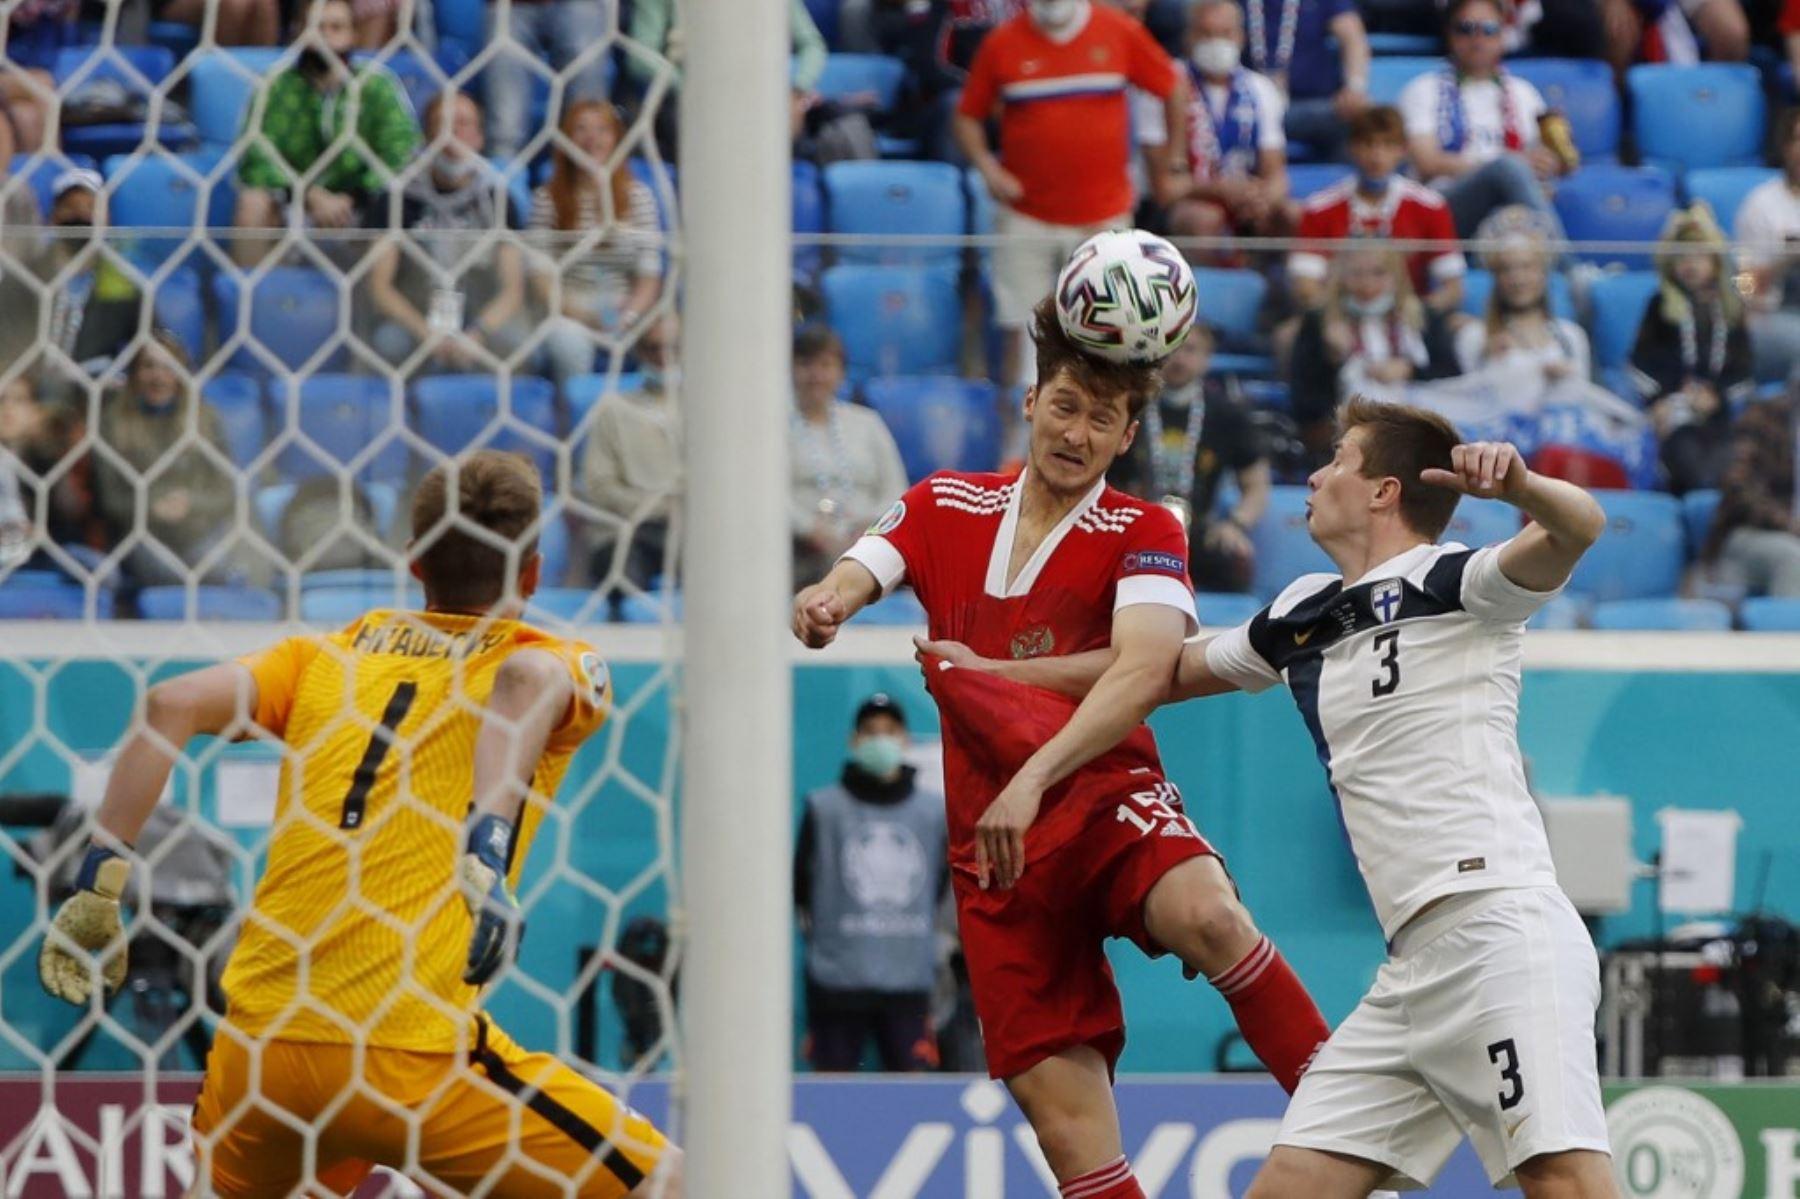 El delantero ruso Aleksey Miranchuk (C) cabecea el balón junto al defensor de Finlandia Daniel O